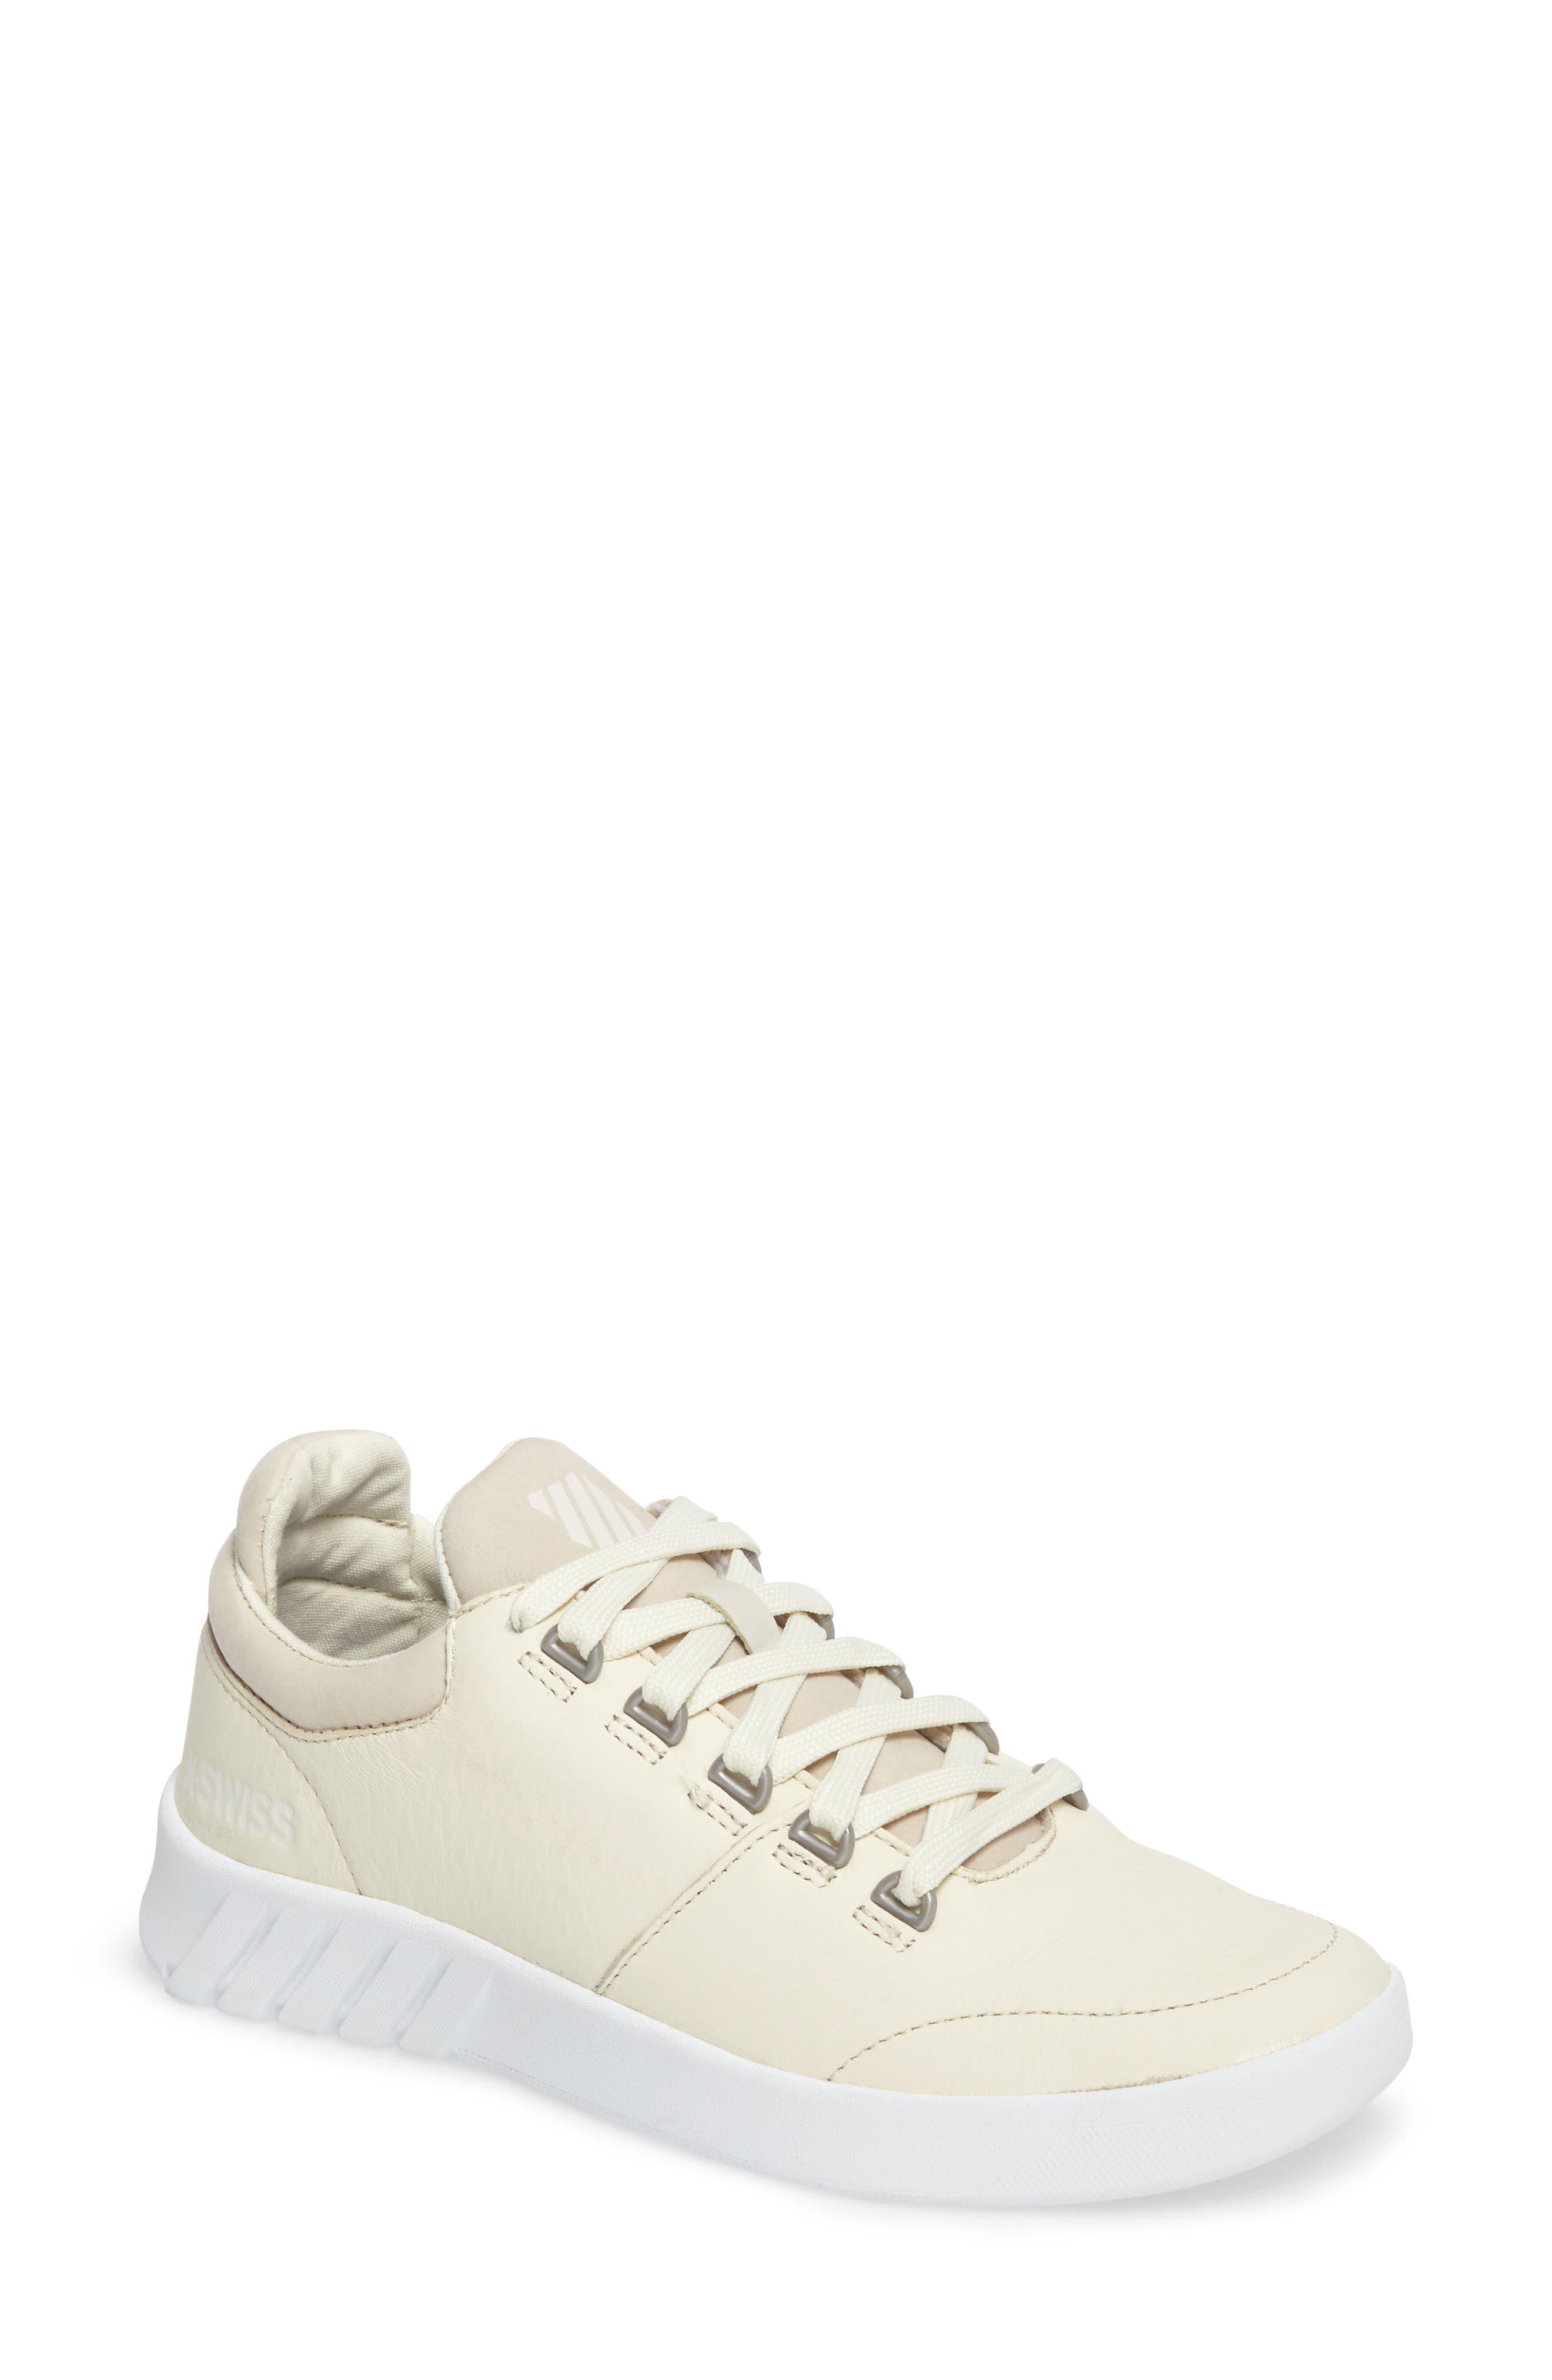 Aero Trainer Sneaker,                         Main,                         color, Vanilla Ice/ White